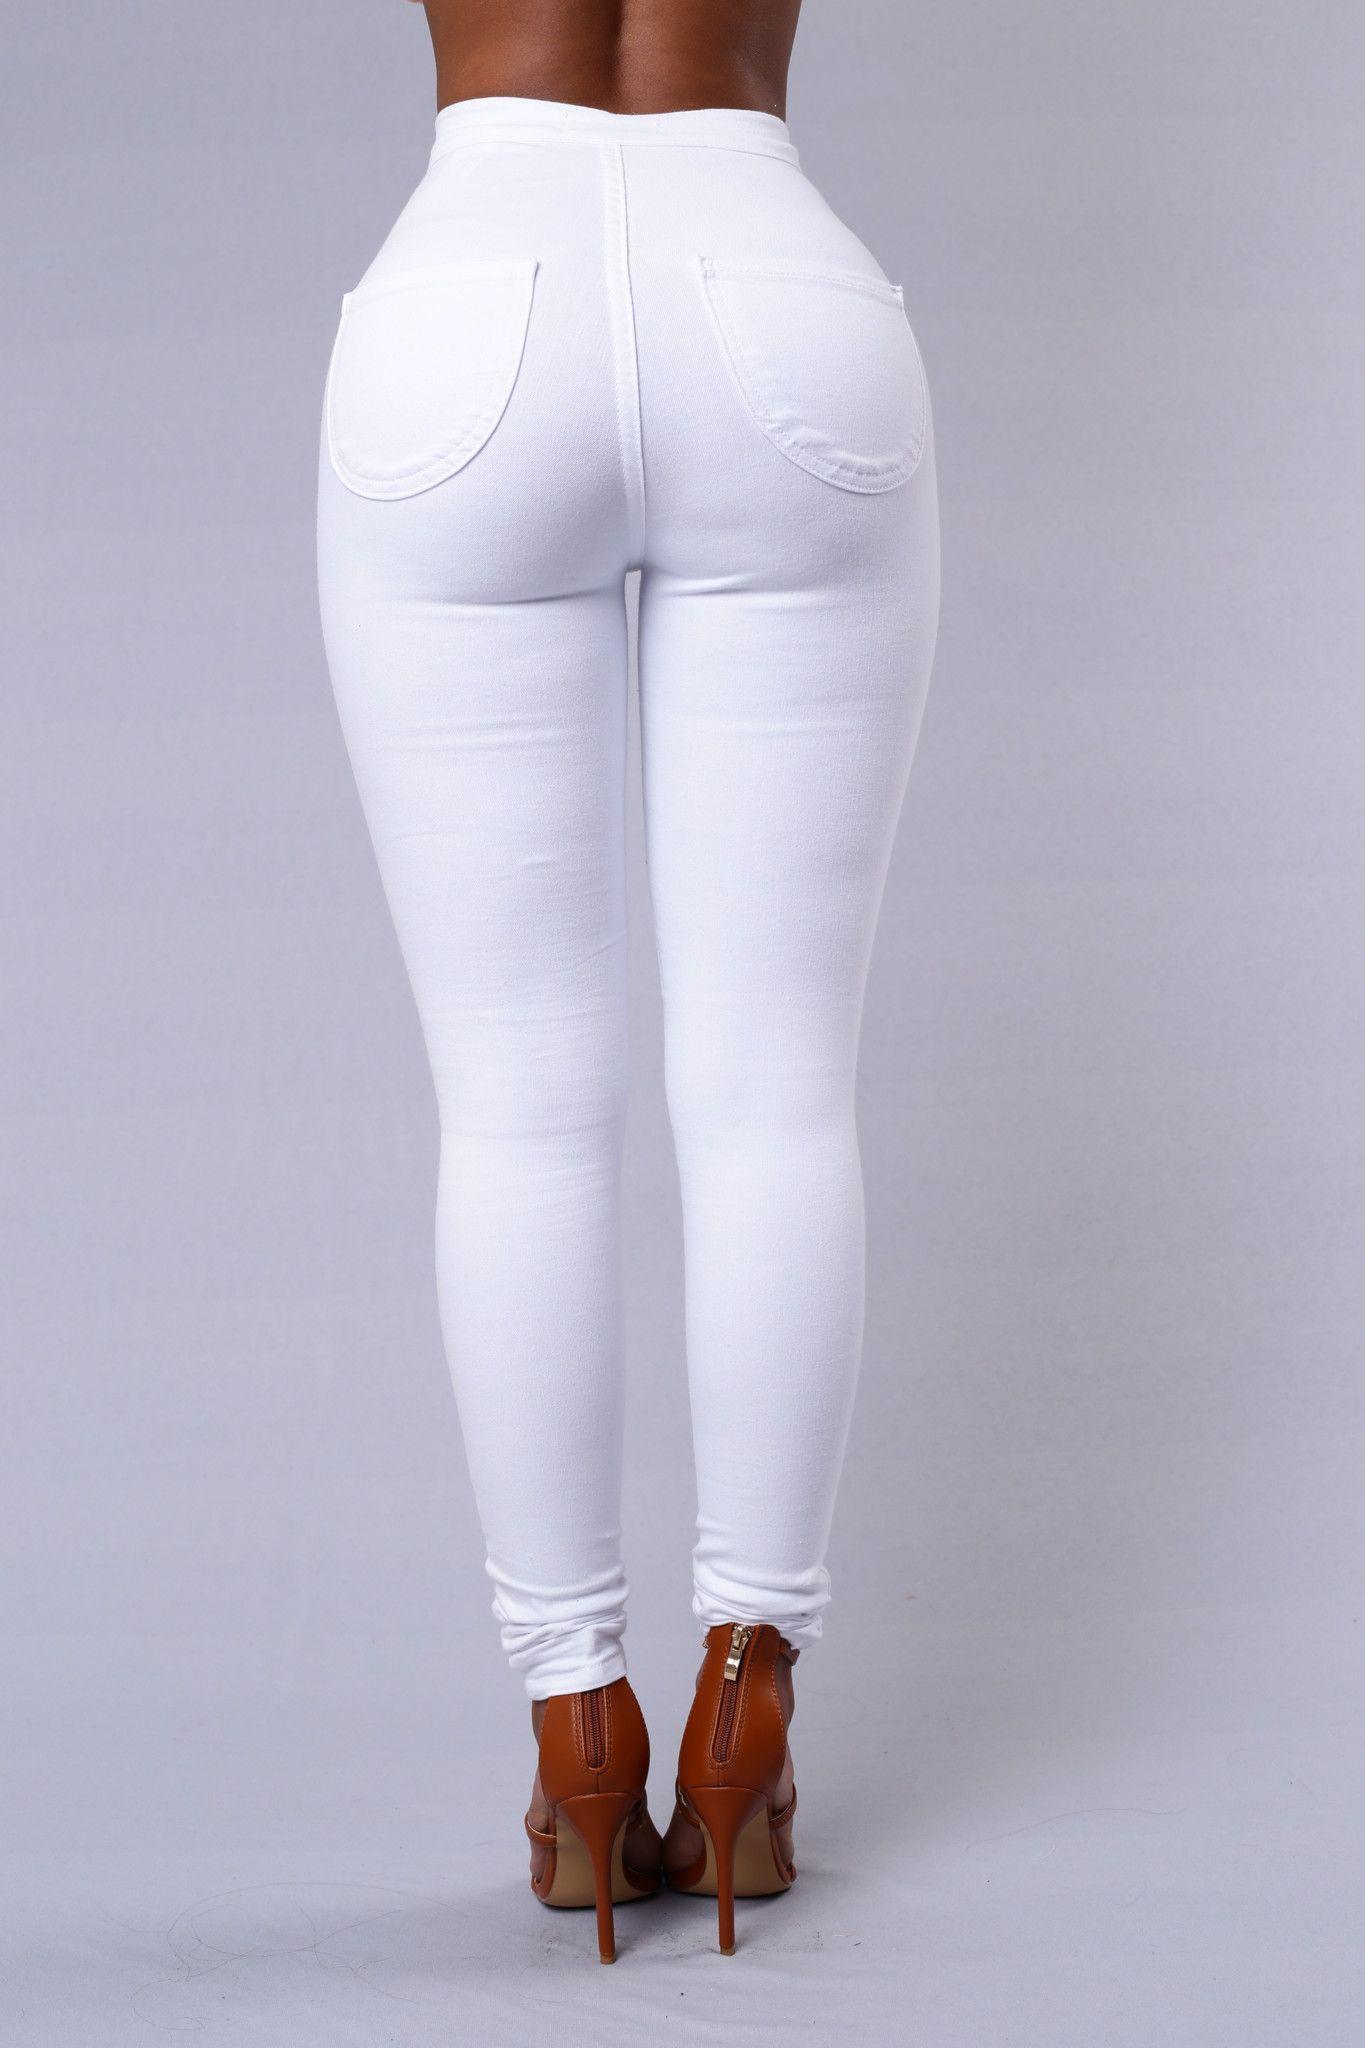 Super High Waist Denim Skinnies White Girrrrrrrrrr